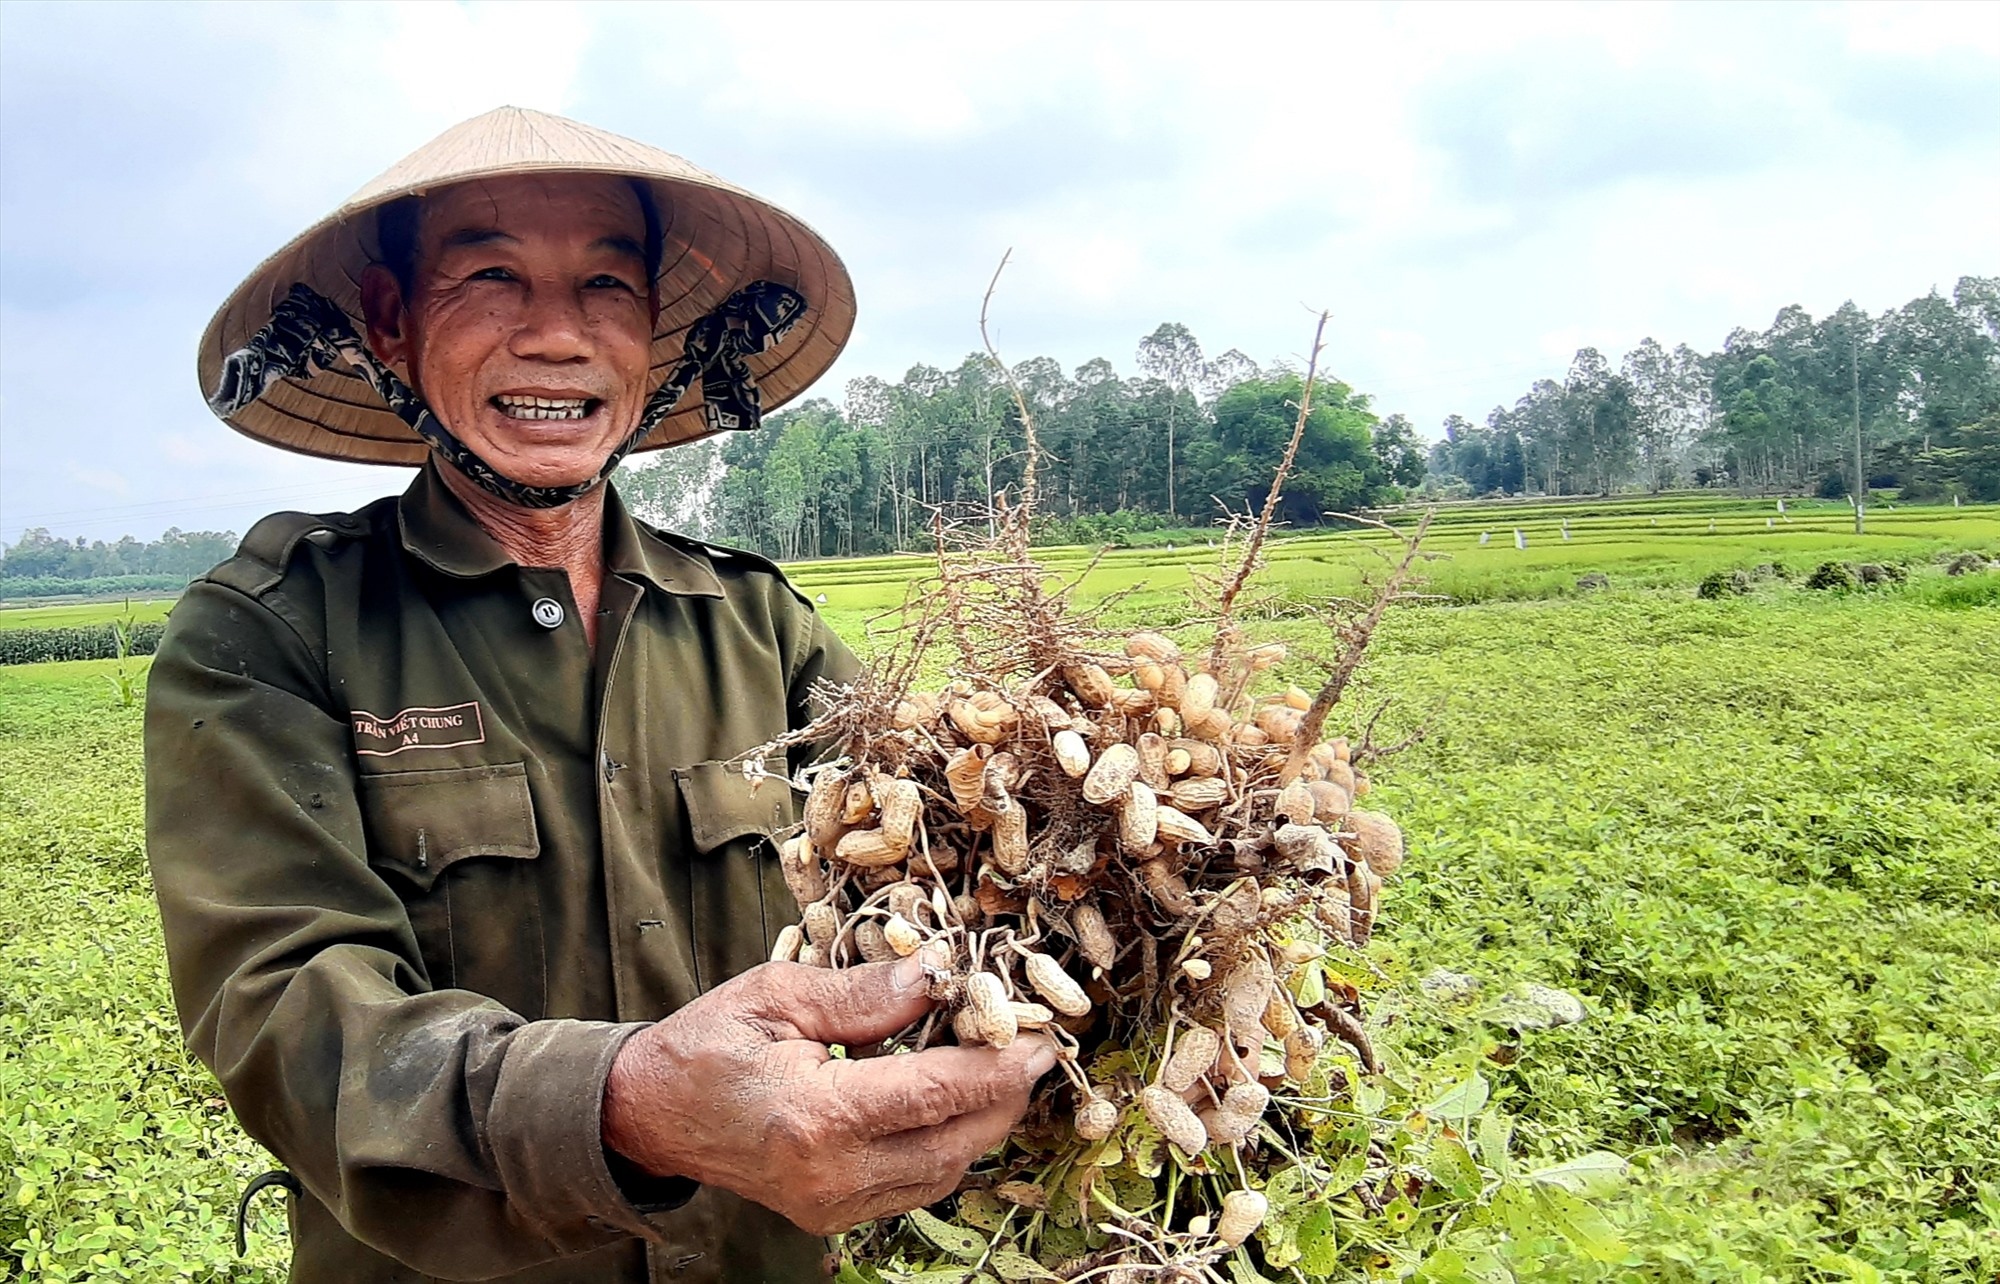 Đậu phụng là loại cây được nhiều địa phương lựa chọn trong việc thực hiện chủ trương chuyển đổi cây trồng trên đất lúa. Ảnh: T.R